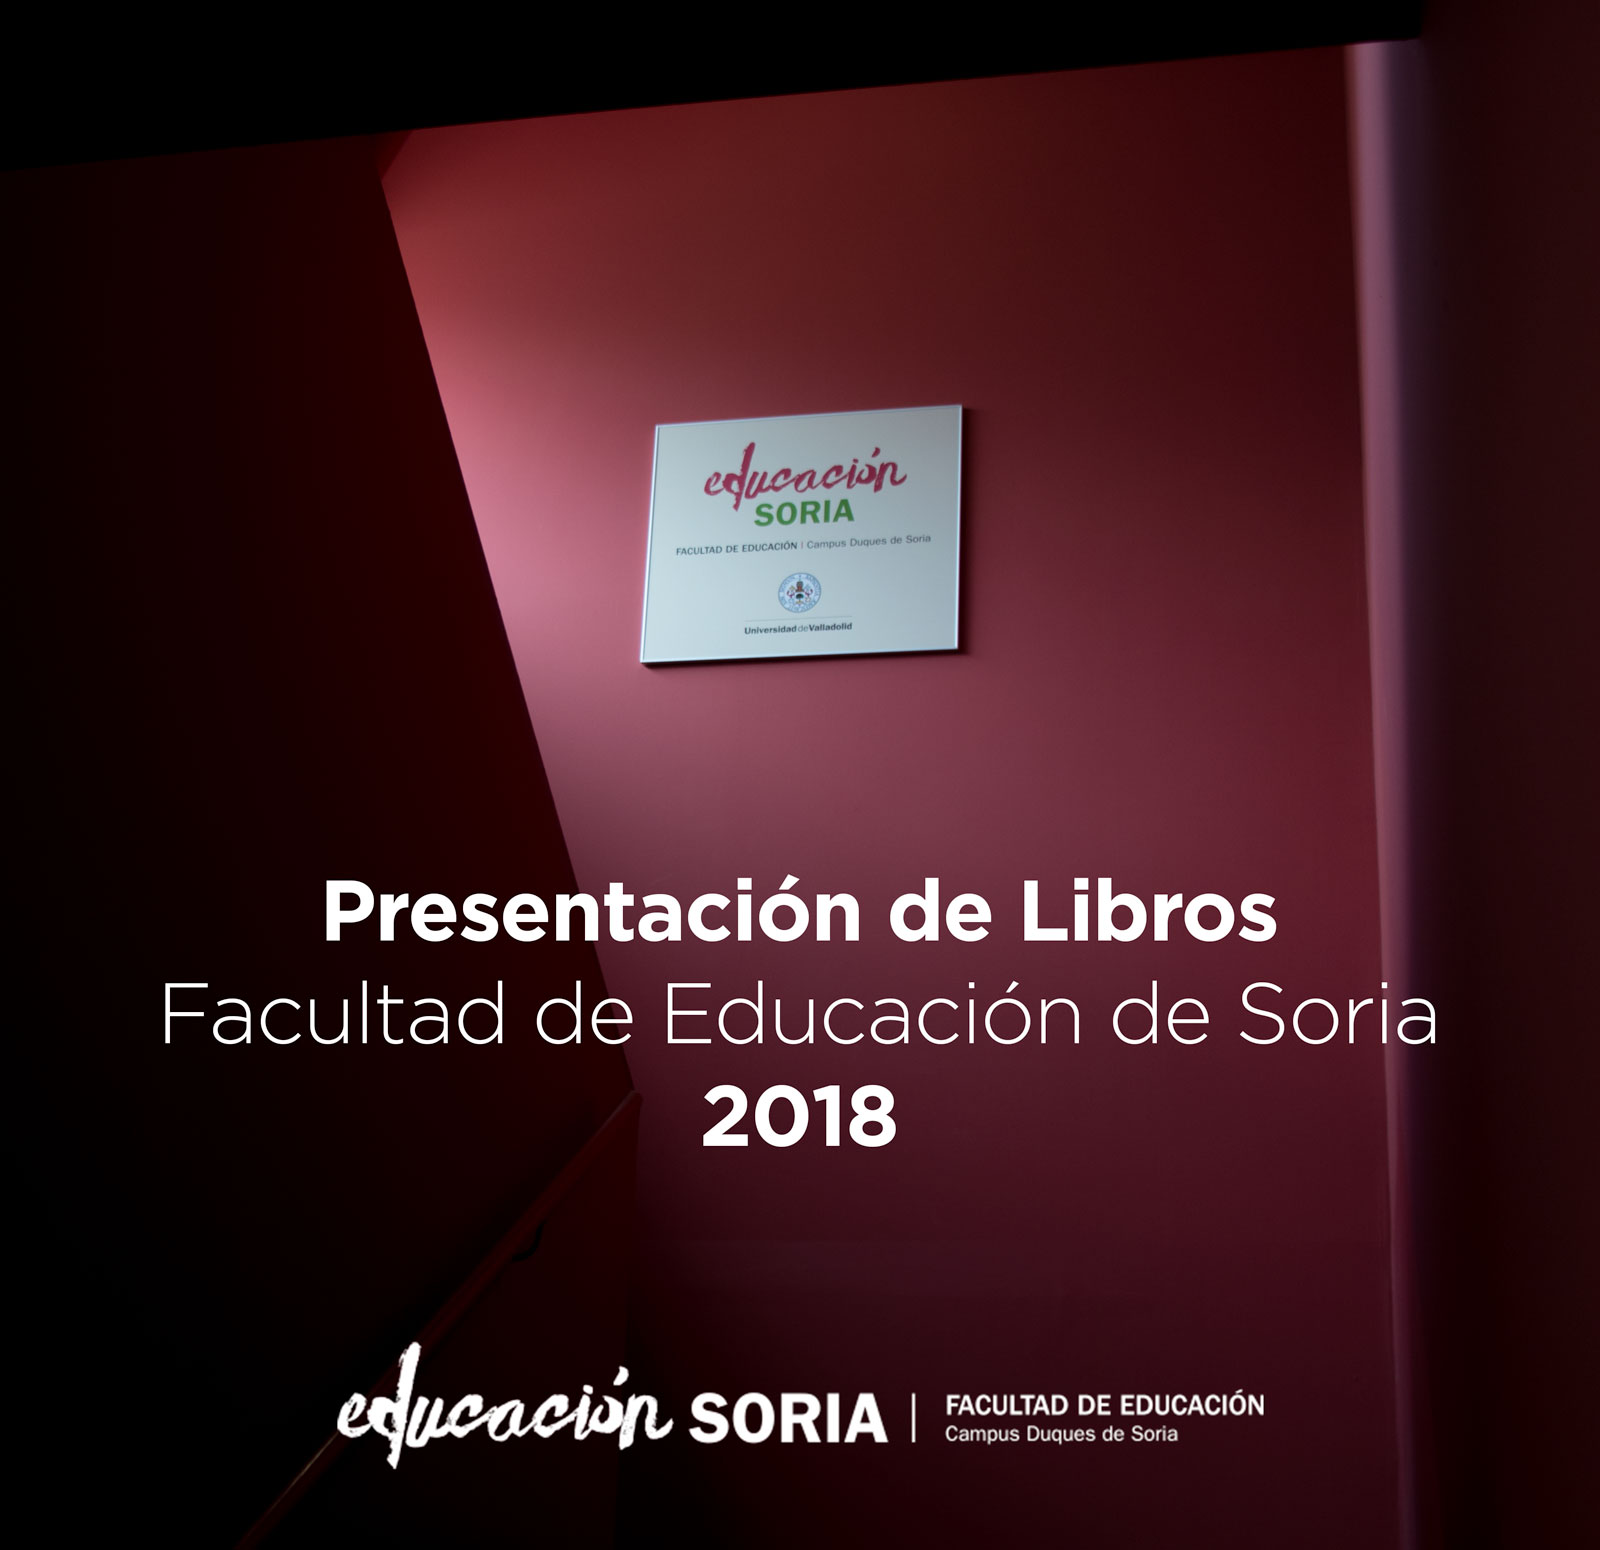 Invitación A La Presentación De Libros Facultad De